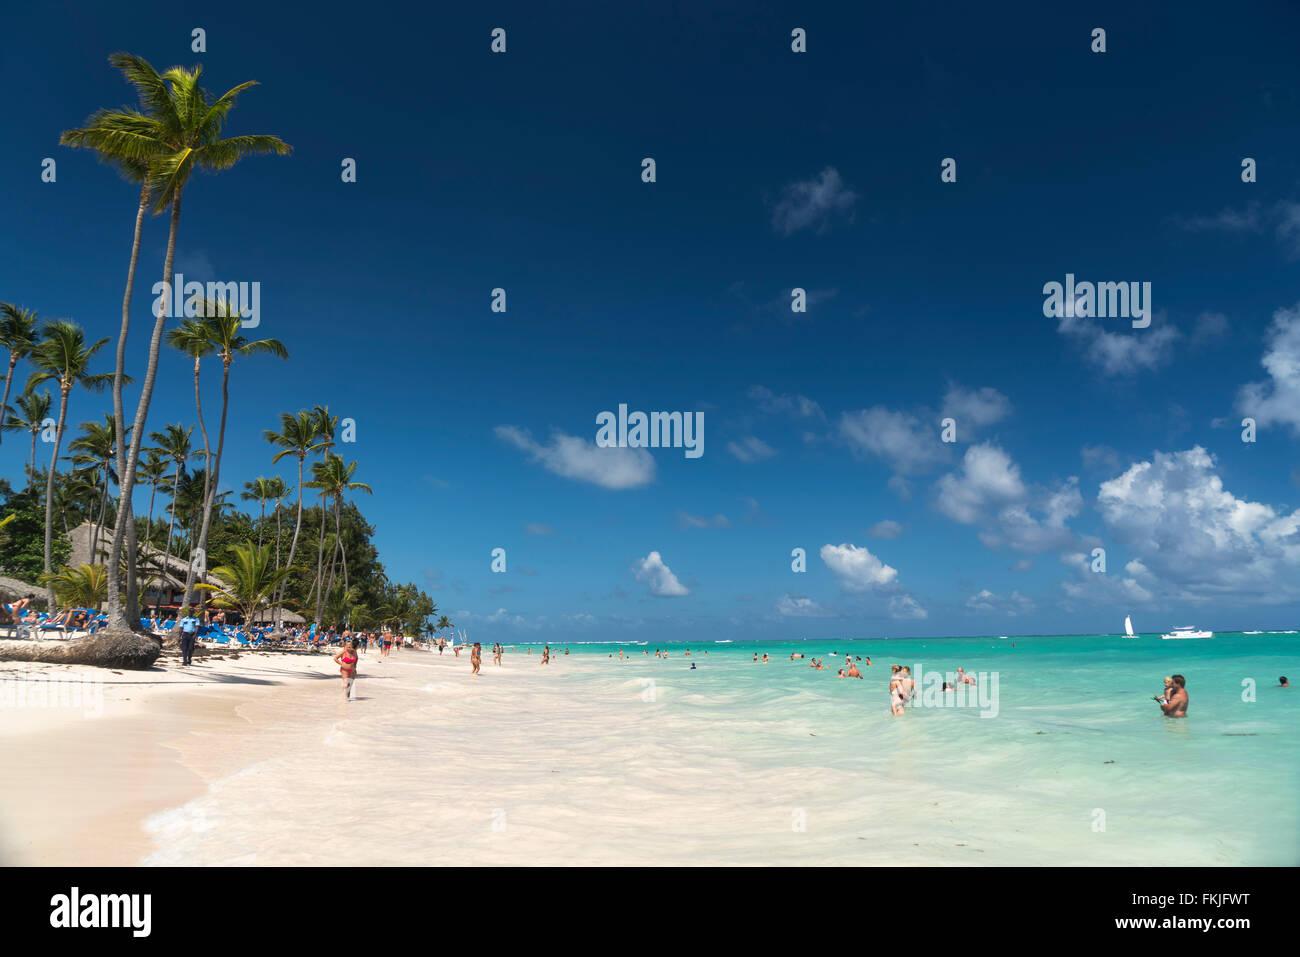 Orlata di palme sulla spiaggia di sabbia di Playa Bavaro, Punta Cana, Repubblica Dominicana, Caraibi, America, Immagini Stock